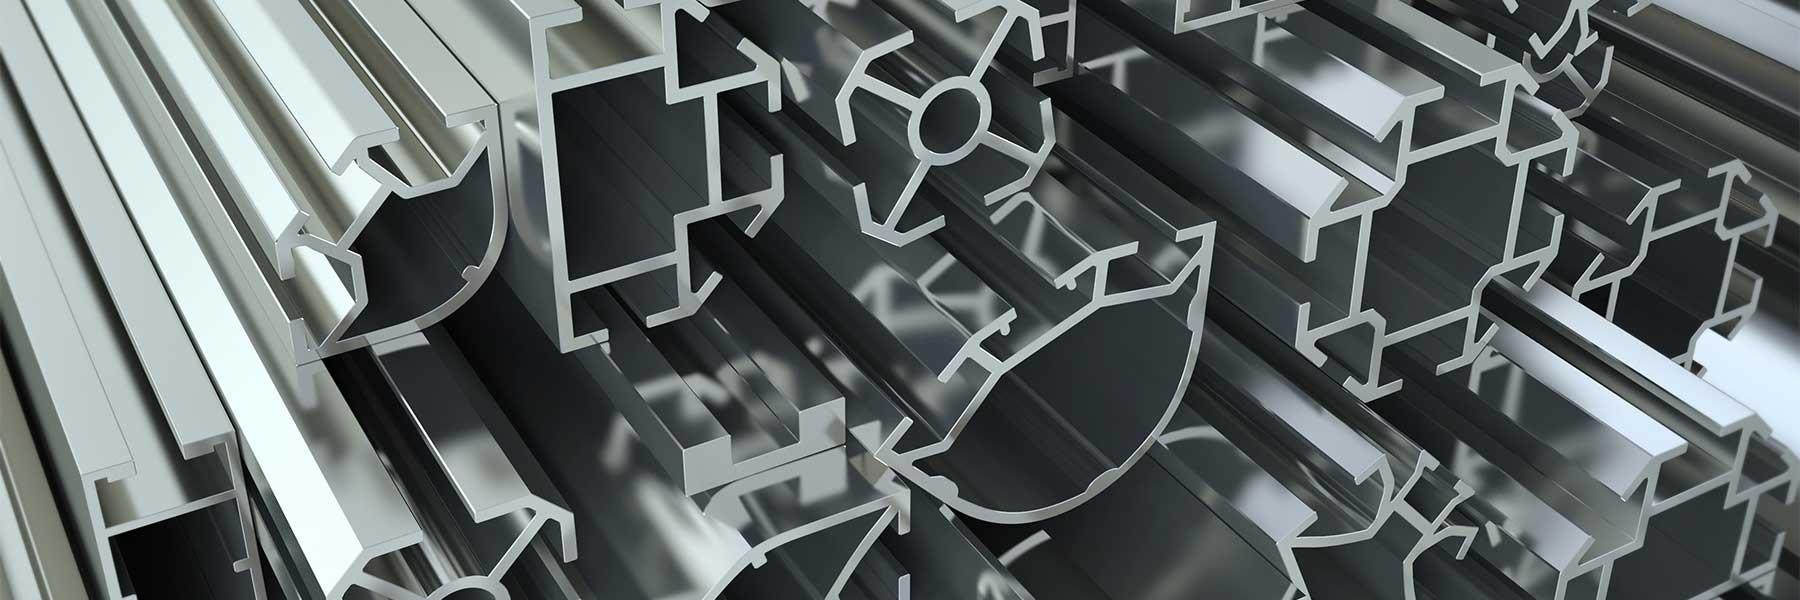 Slider Zeichnungsprofile Stangenware Profile Selbst Gestalten 3D Musterdruck Wunschprofil